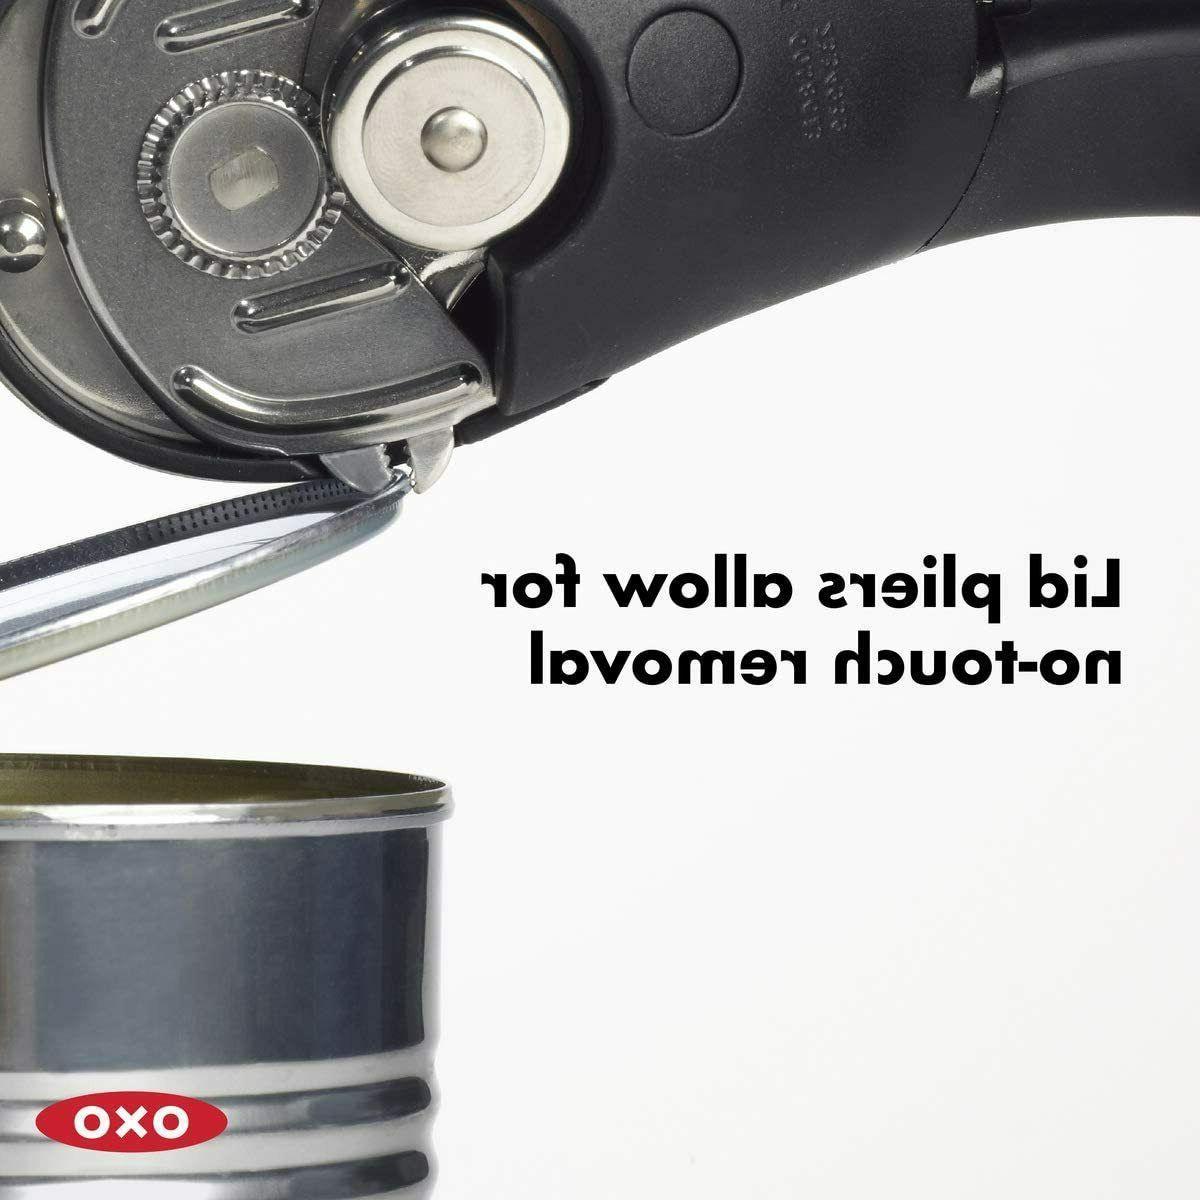 OXO Smooth Edge - Steel Cutting